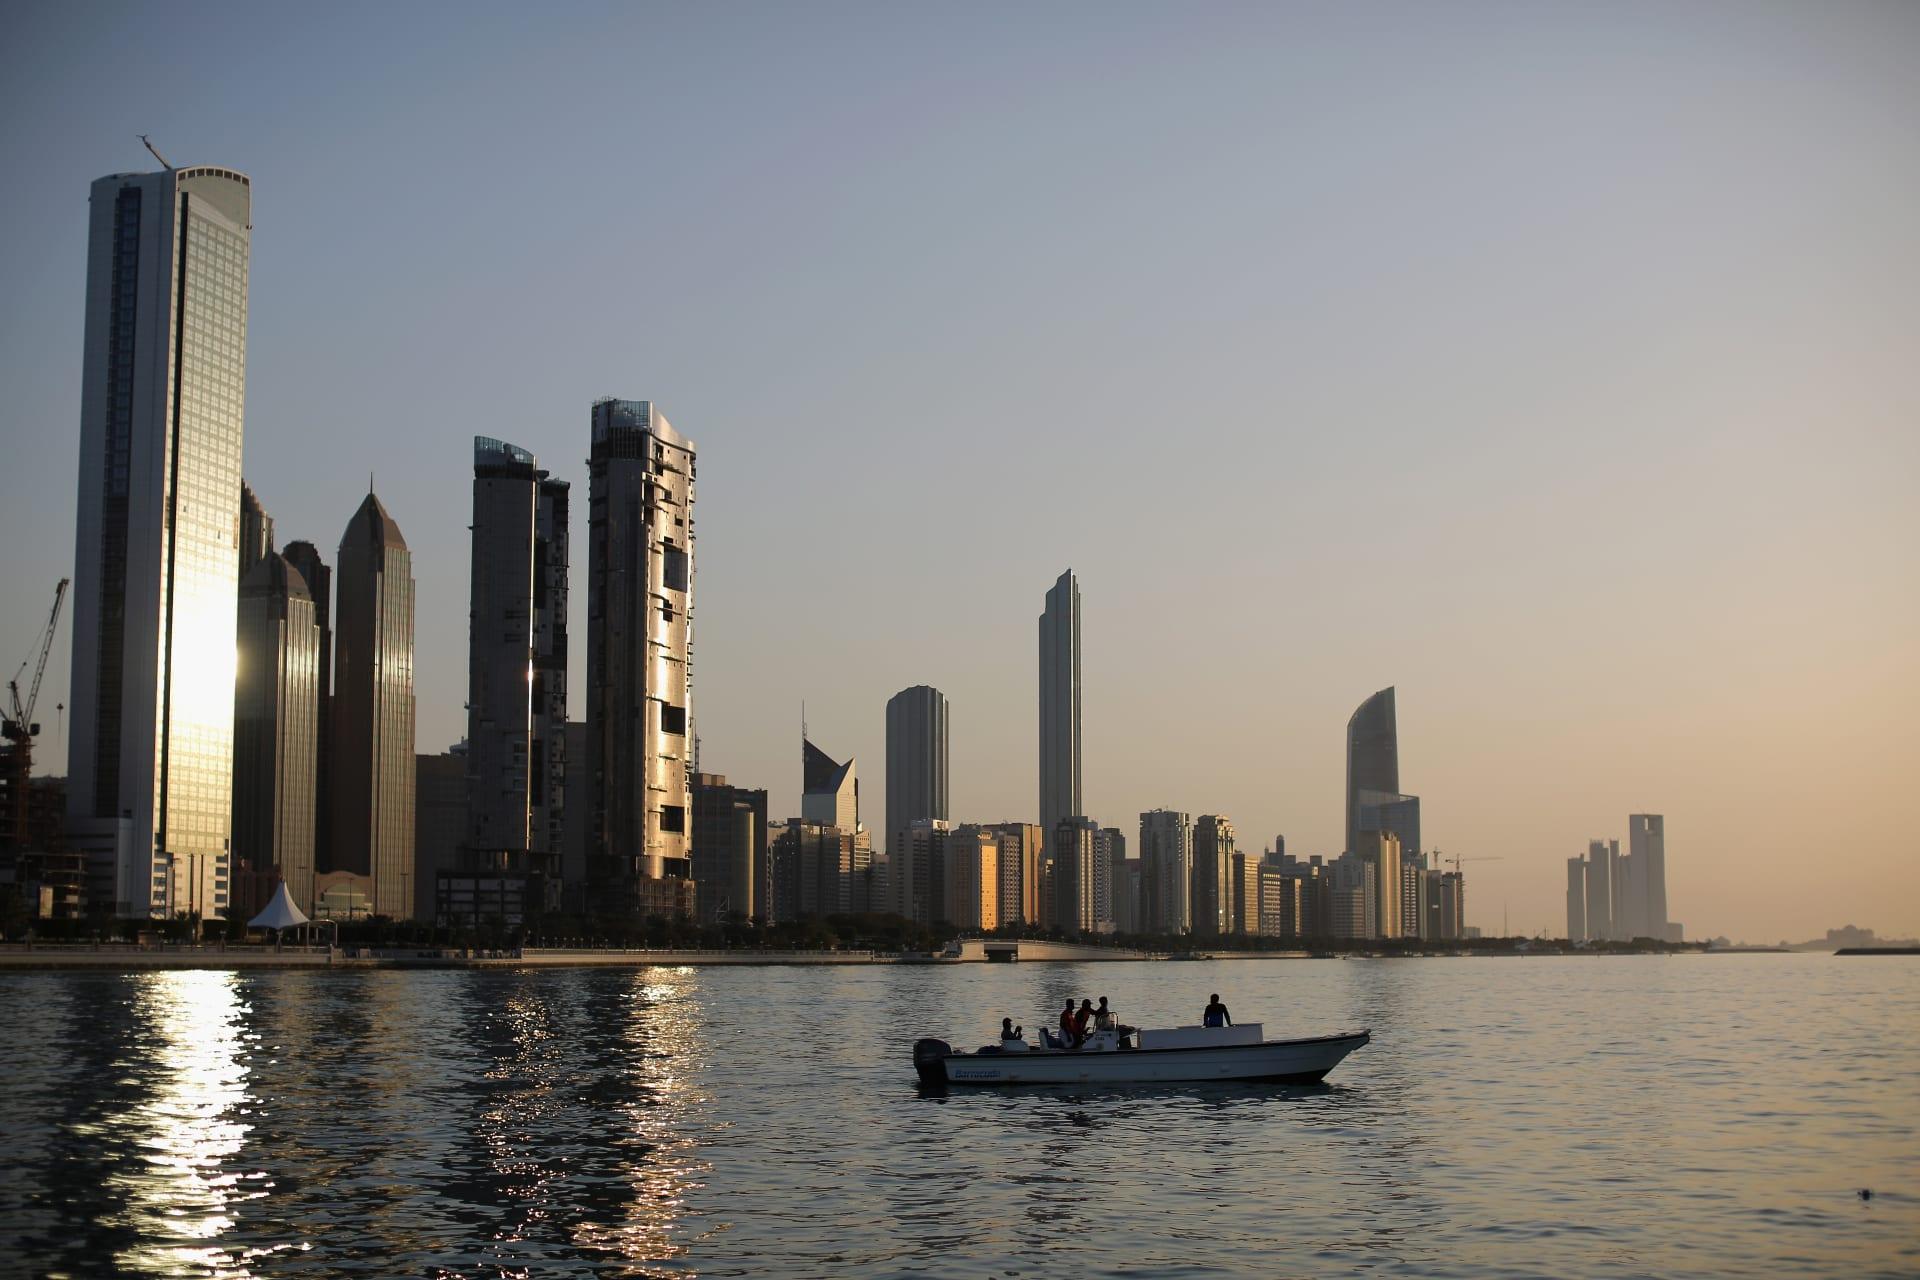 بعد 7 أيام من دخوله مياهها الإقليمية.. الإمارات تفرج عن زورق عسكري قطري